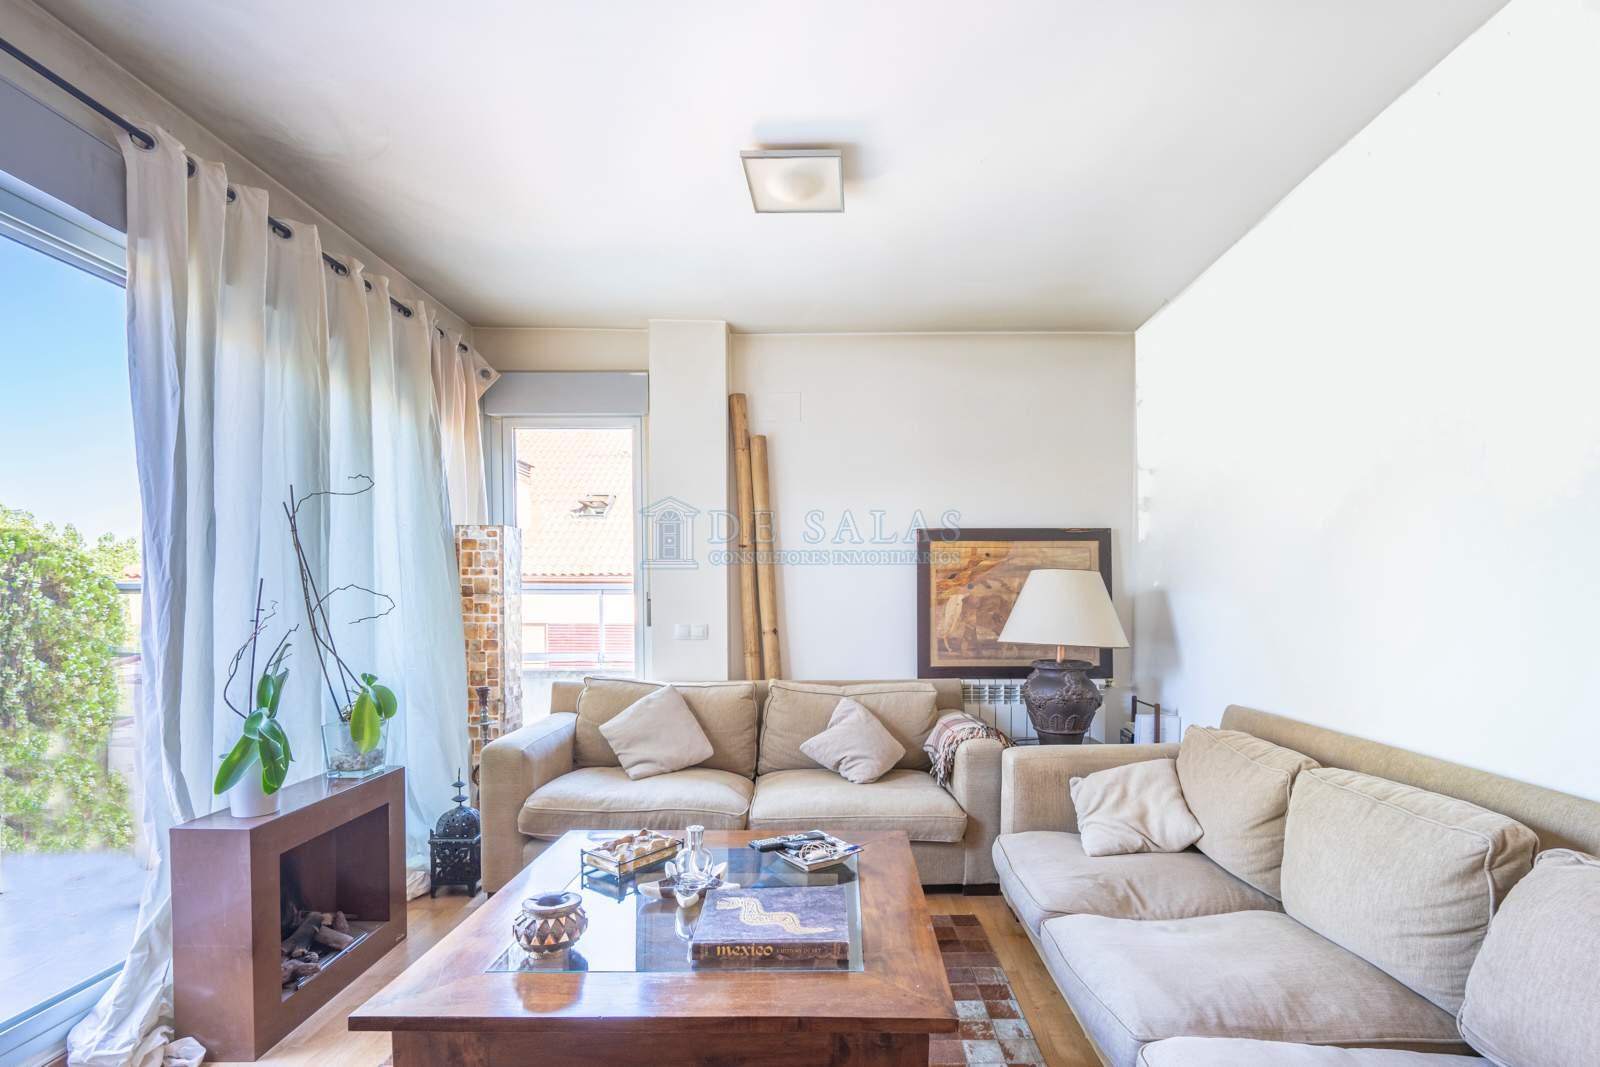 13 Appartement Arturo Soria